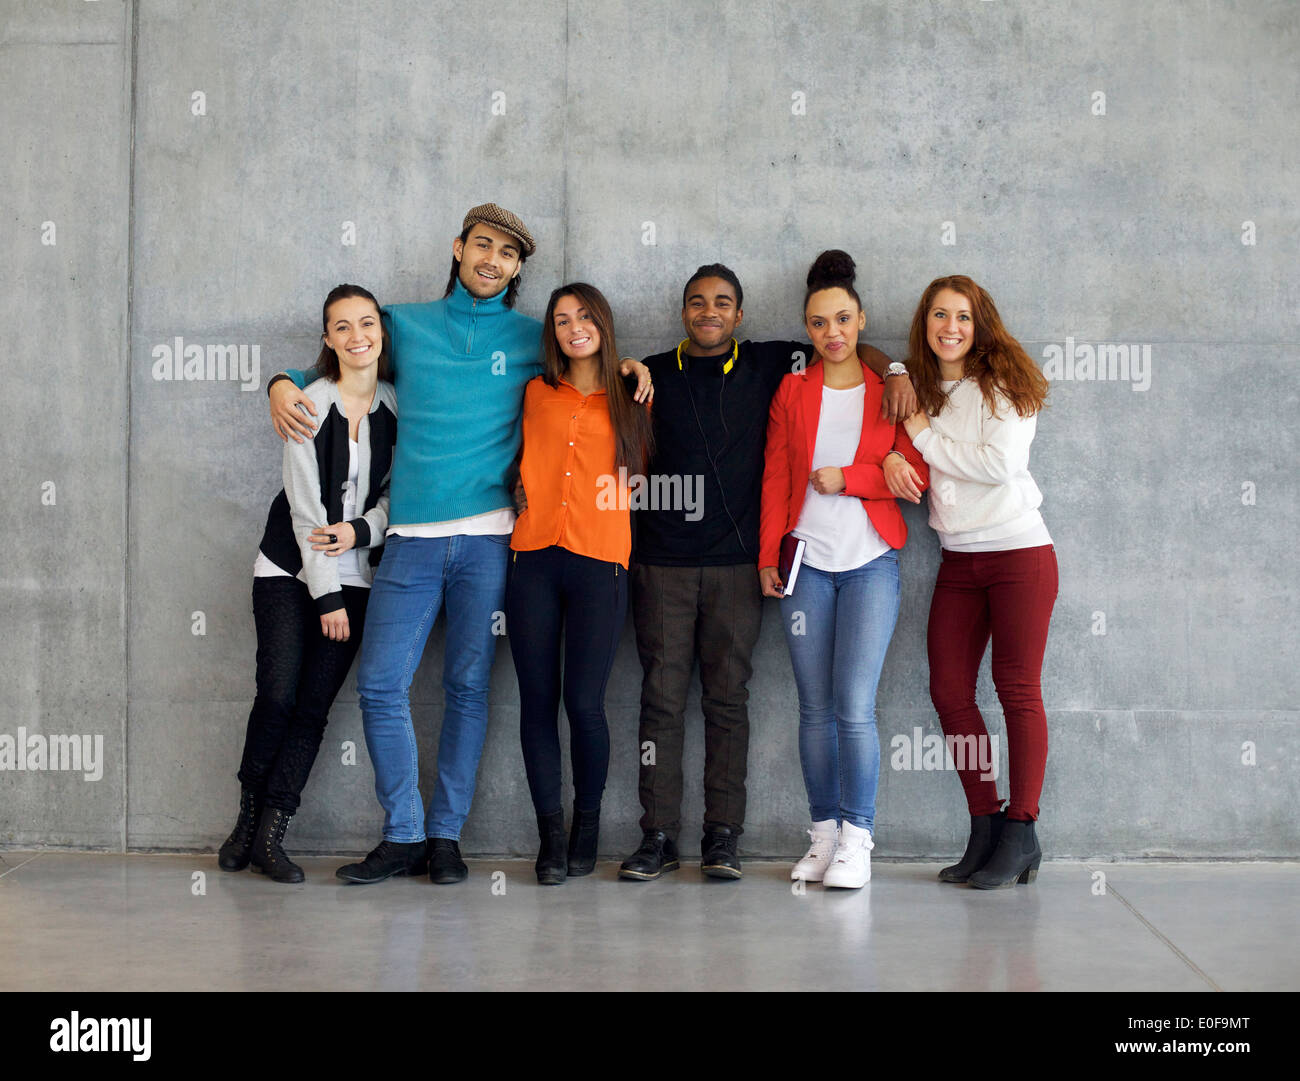 Multiethnische Gruppe von glücklichen jungen Studenten auf dem Campus. Gemischte Rassen junge Menschen zusammenstehen gegen die Wand. Stockbild